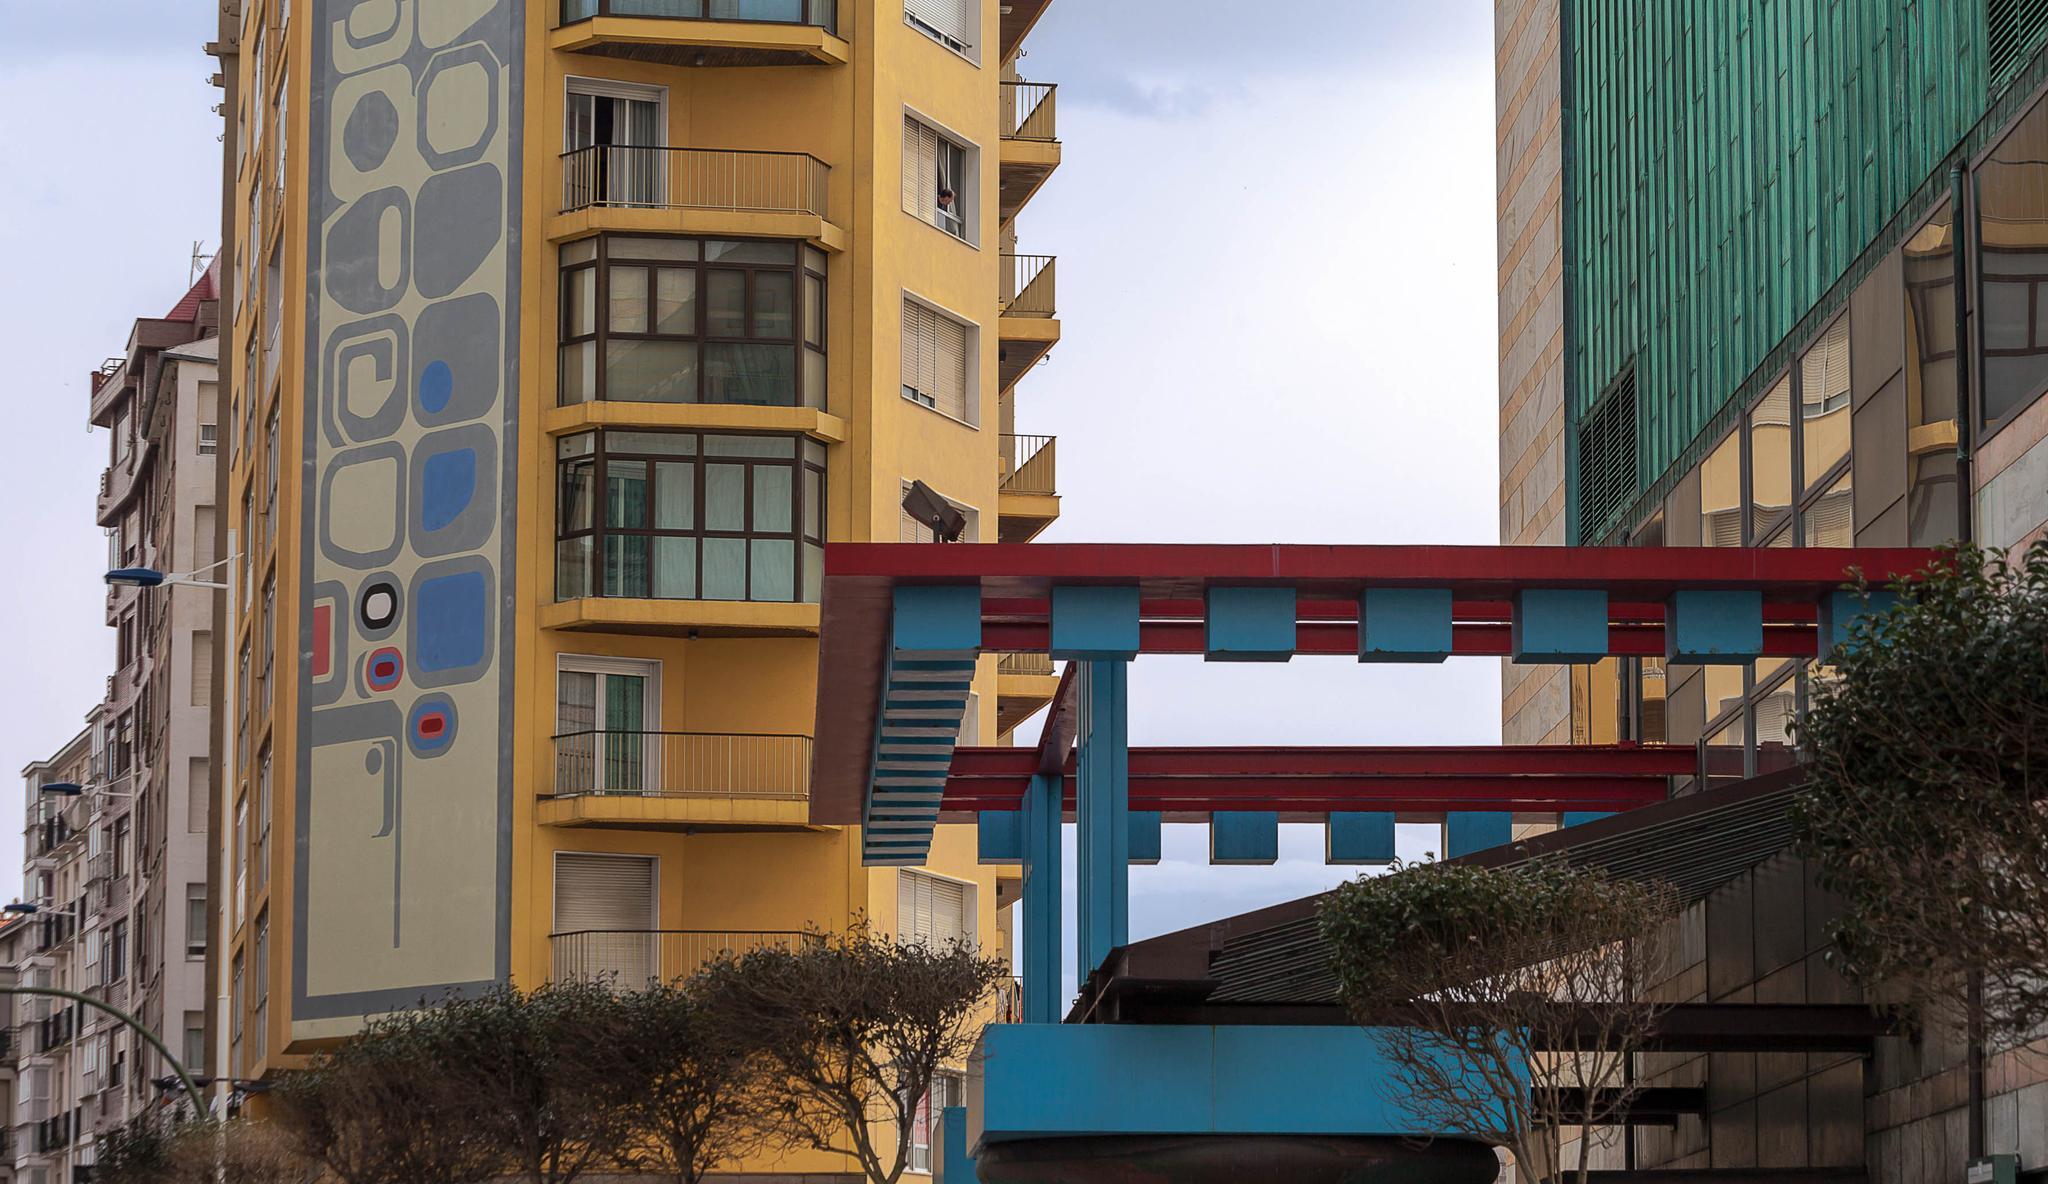 Gebäude im spanischen Santander